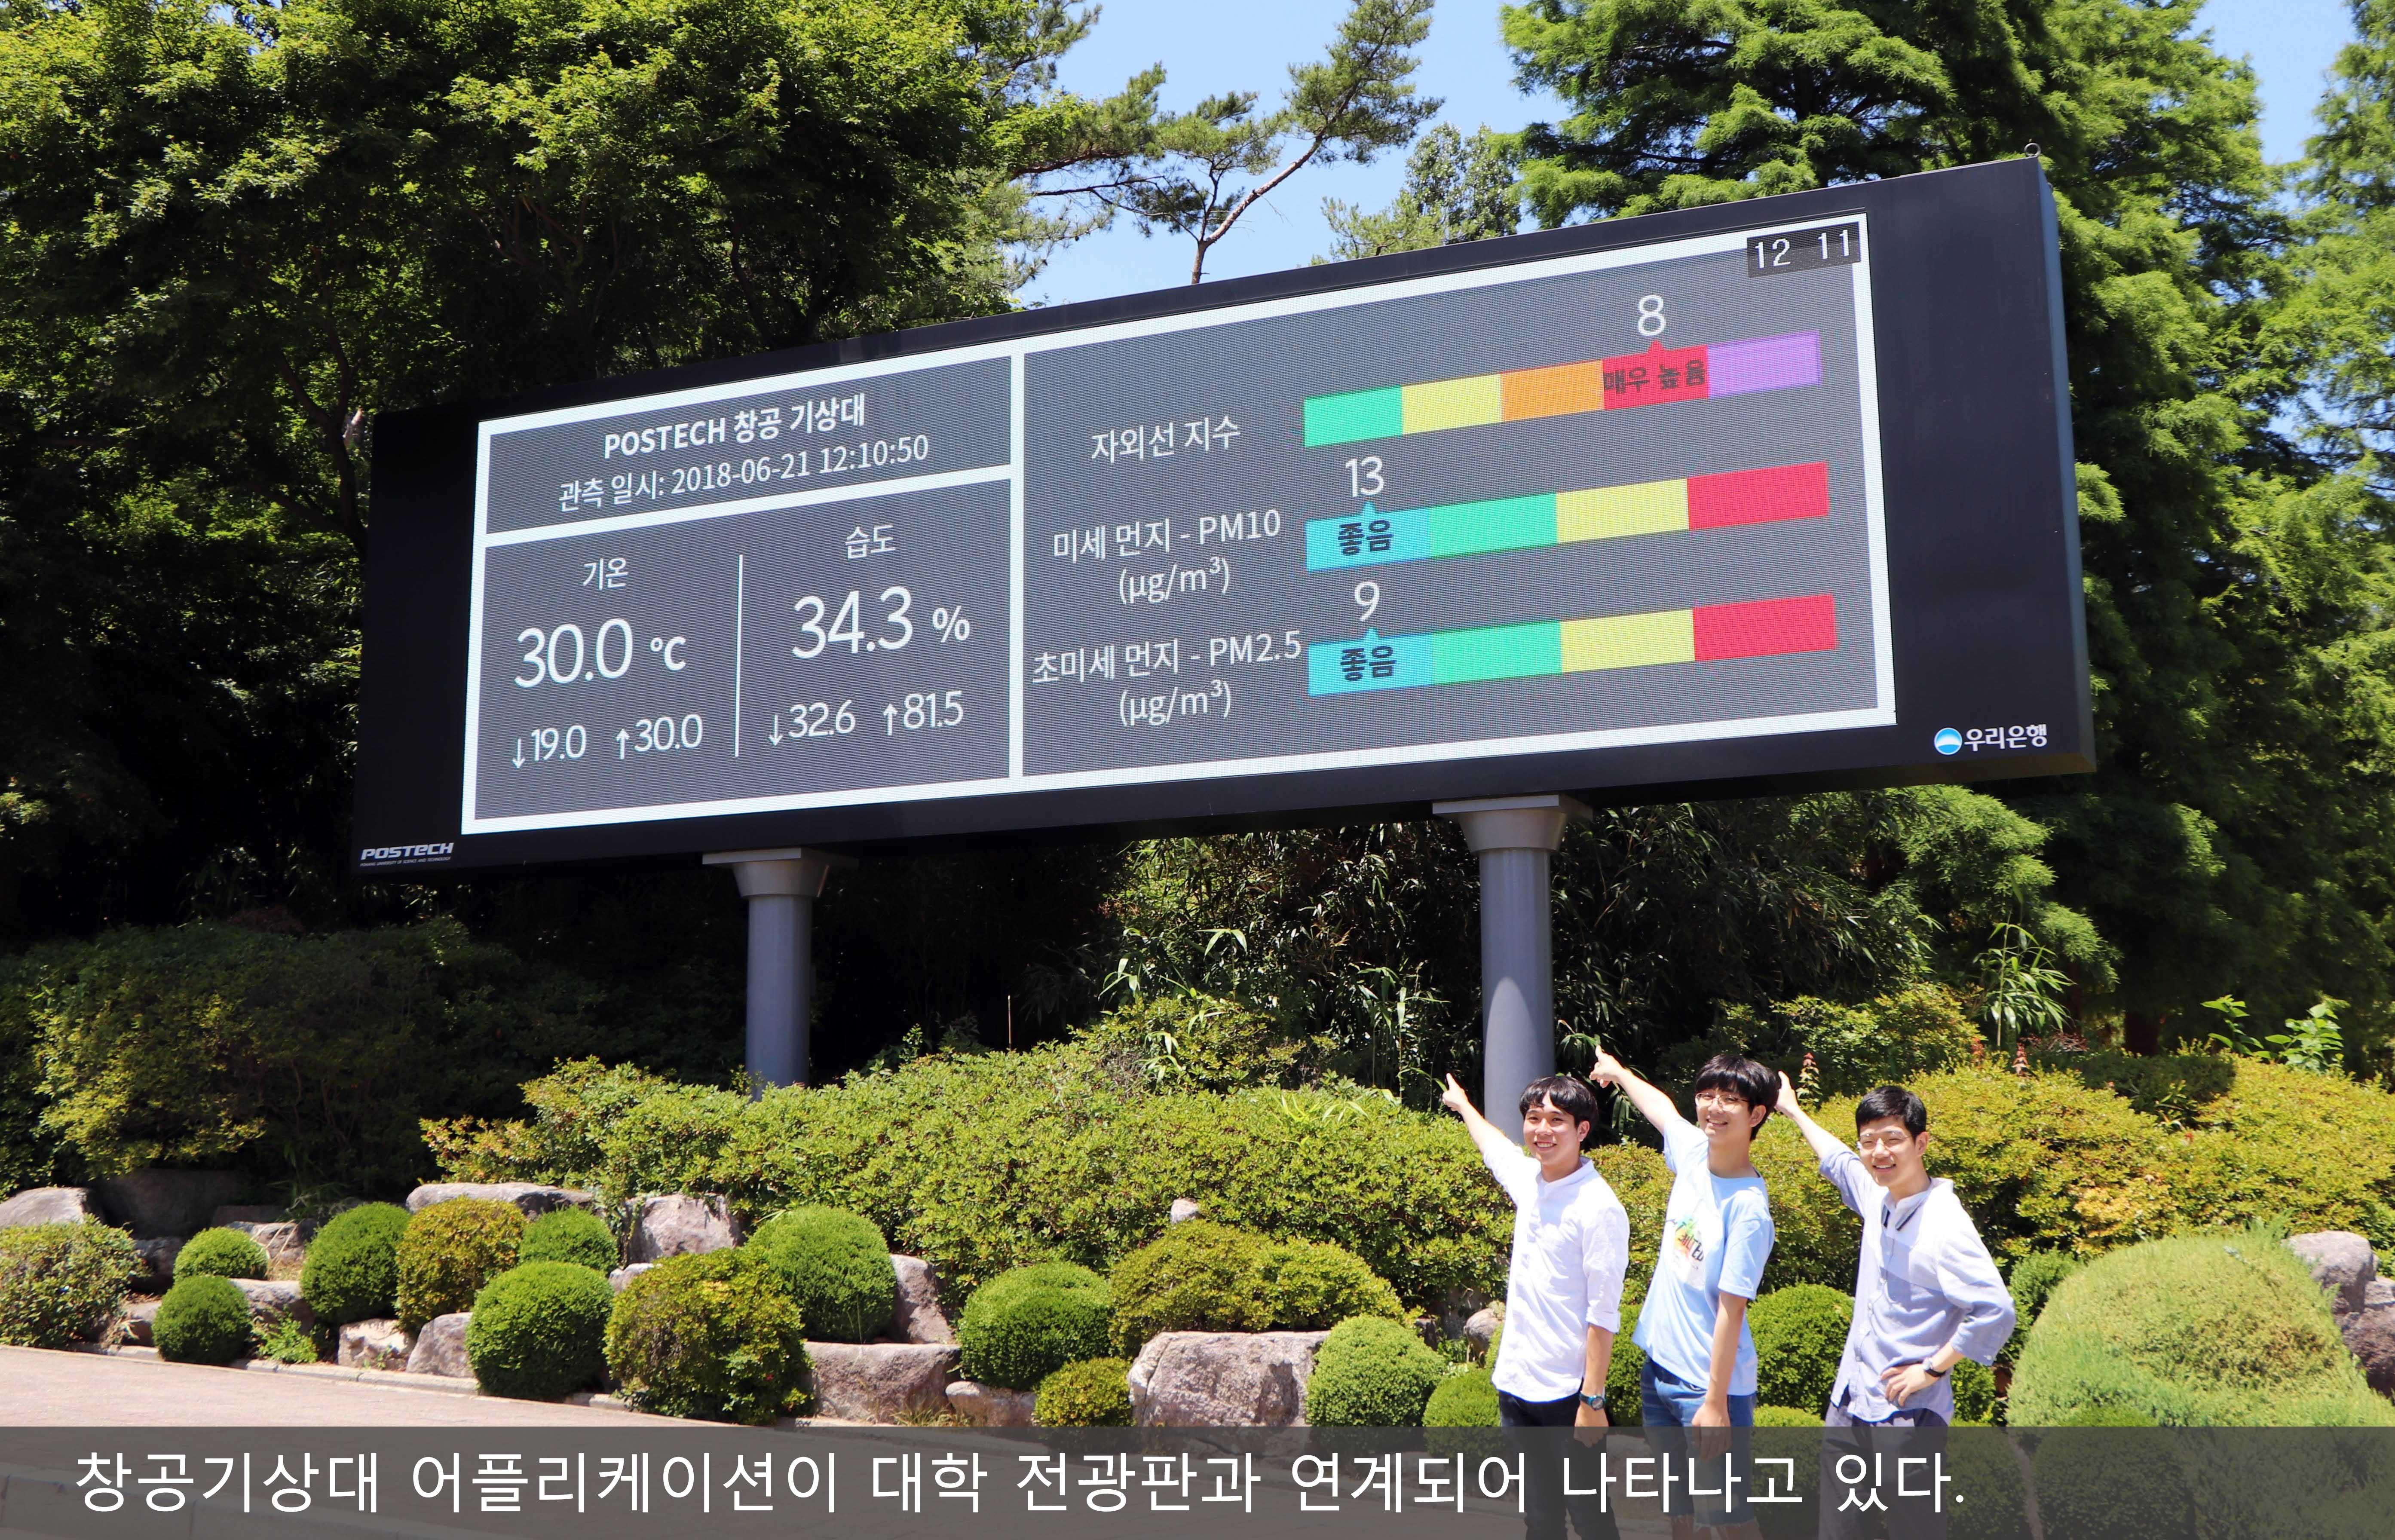 창공기상대 어플리케이션이 대학 전광판과 연계되어 나타나고 있다.